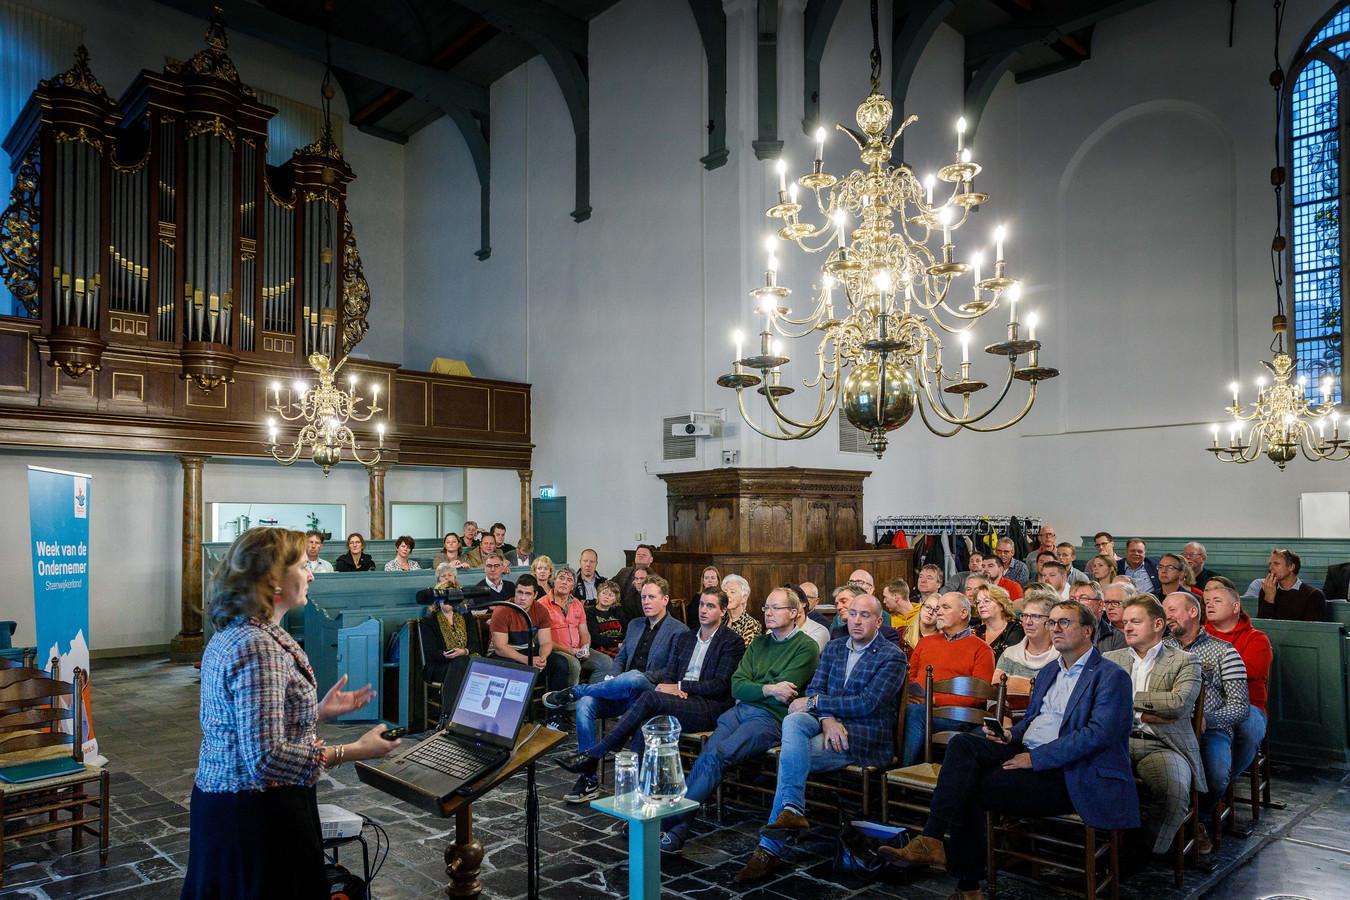 Tijdens de dag van toerisme gaven Anouk van Eekelen en Eduard Pieter Oud lezingen.